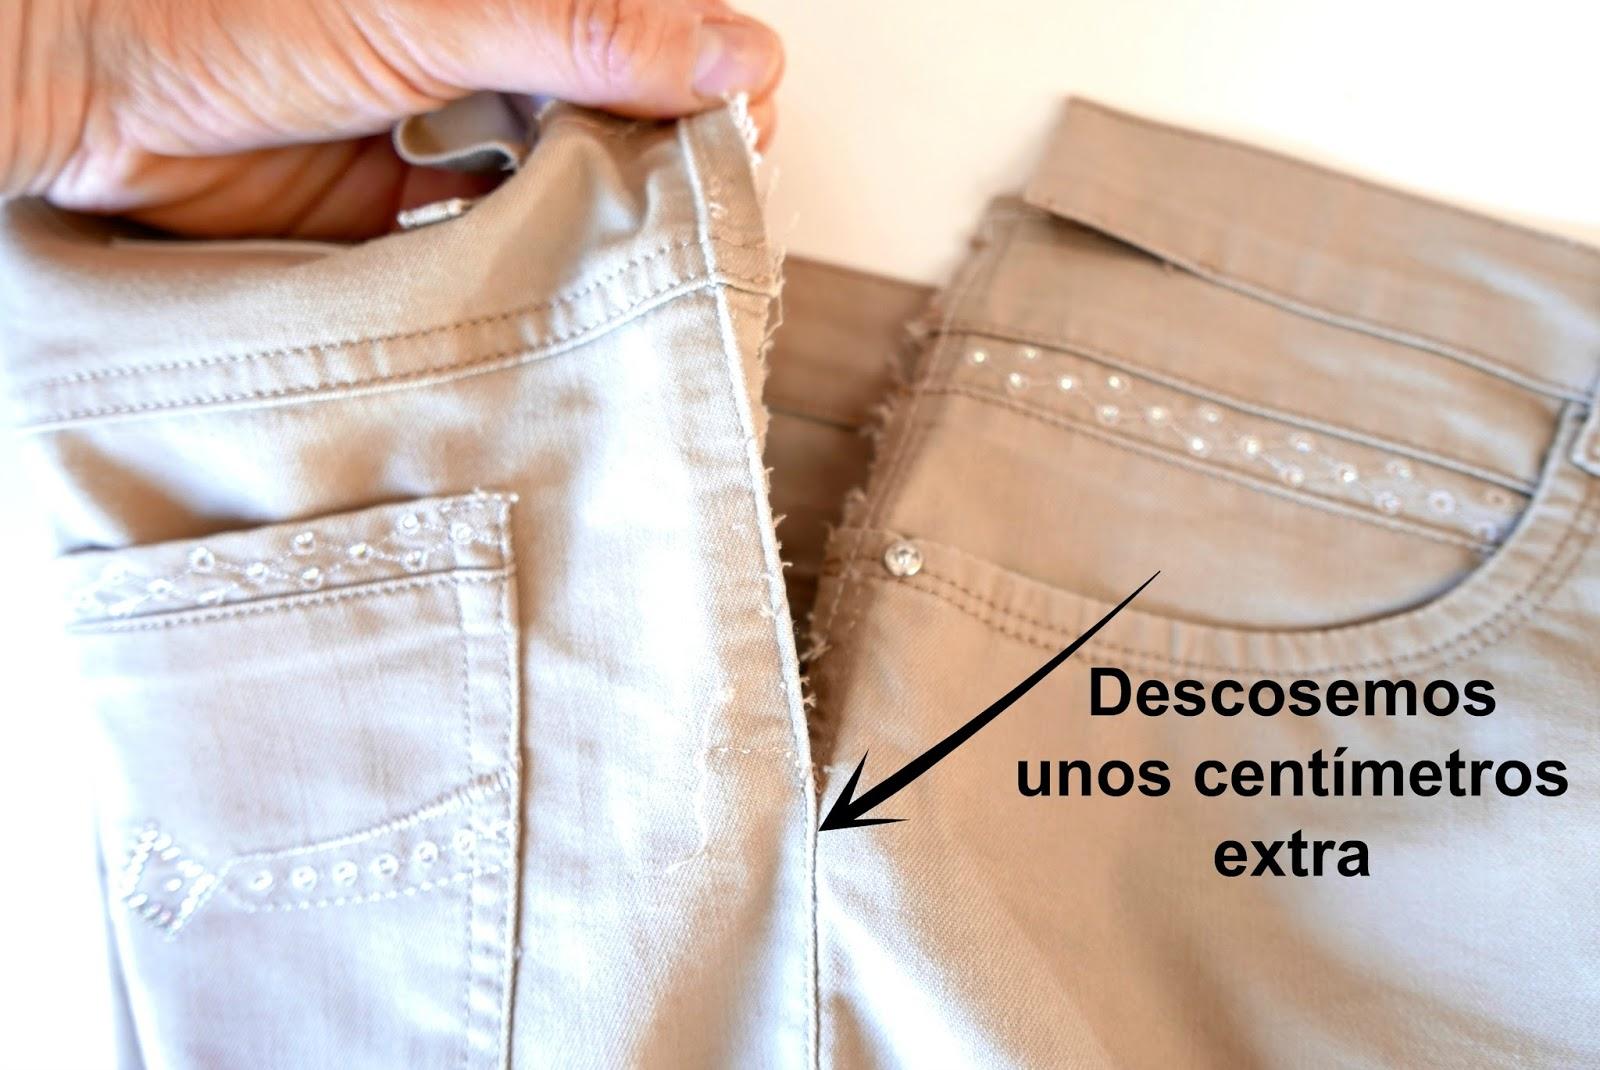 Colours For Baby Curso De Costura Gratis Cómo Estrechar La Cintura De Un Pantalón